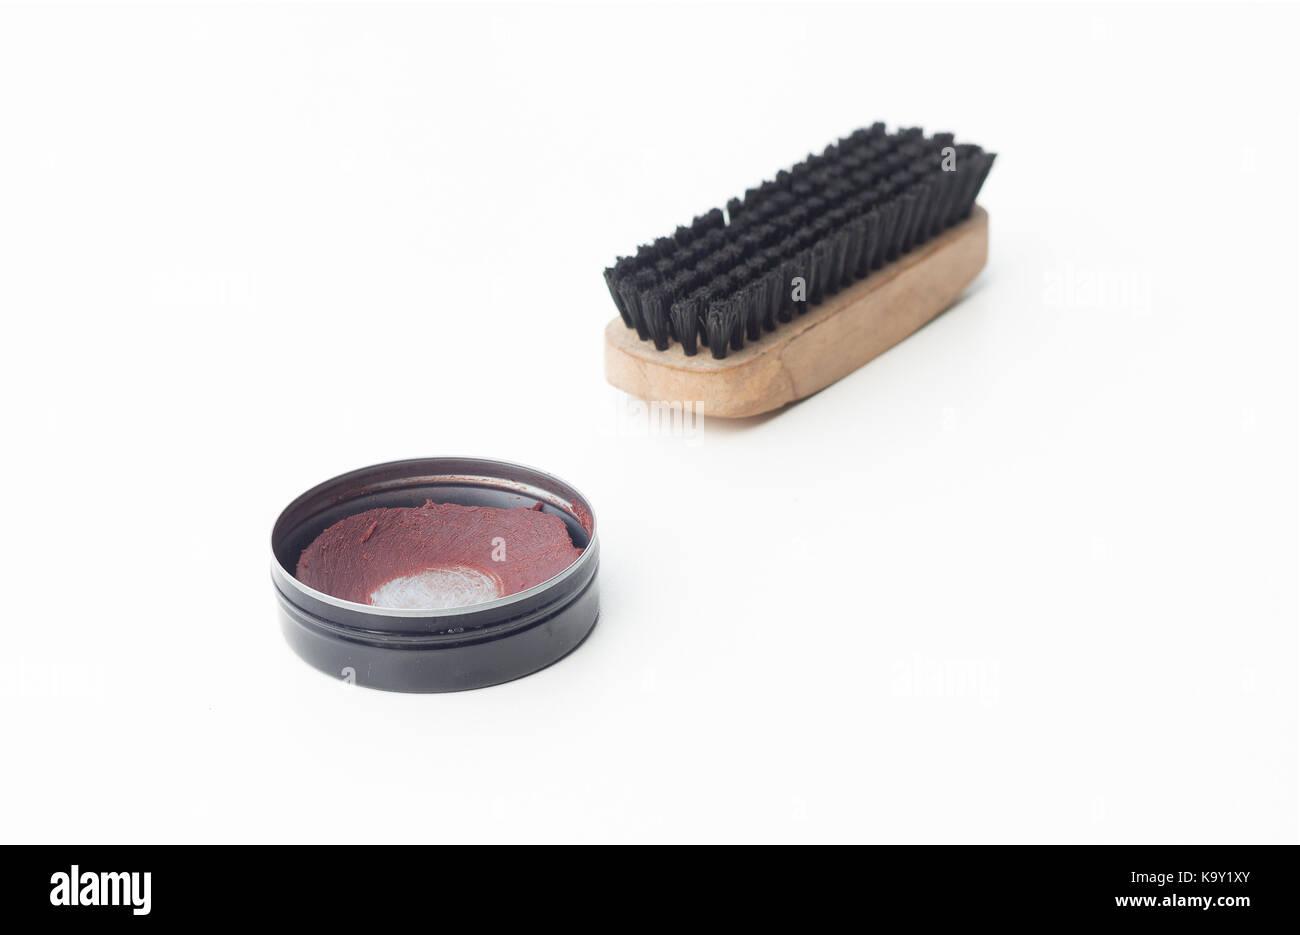 shoe polish and brush shoe isolated on white background - Stock Image